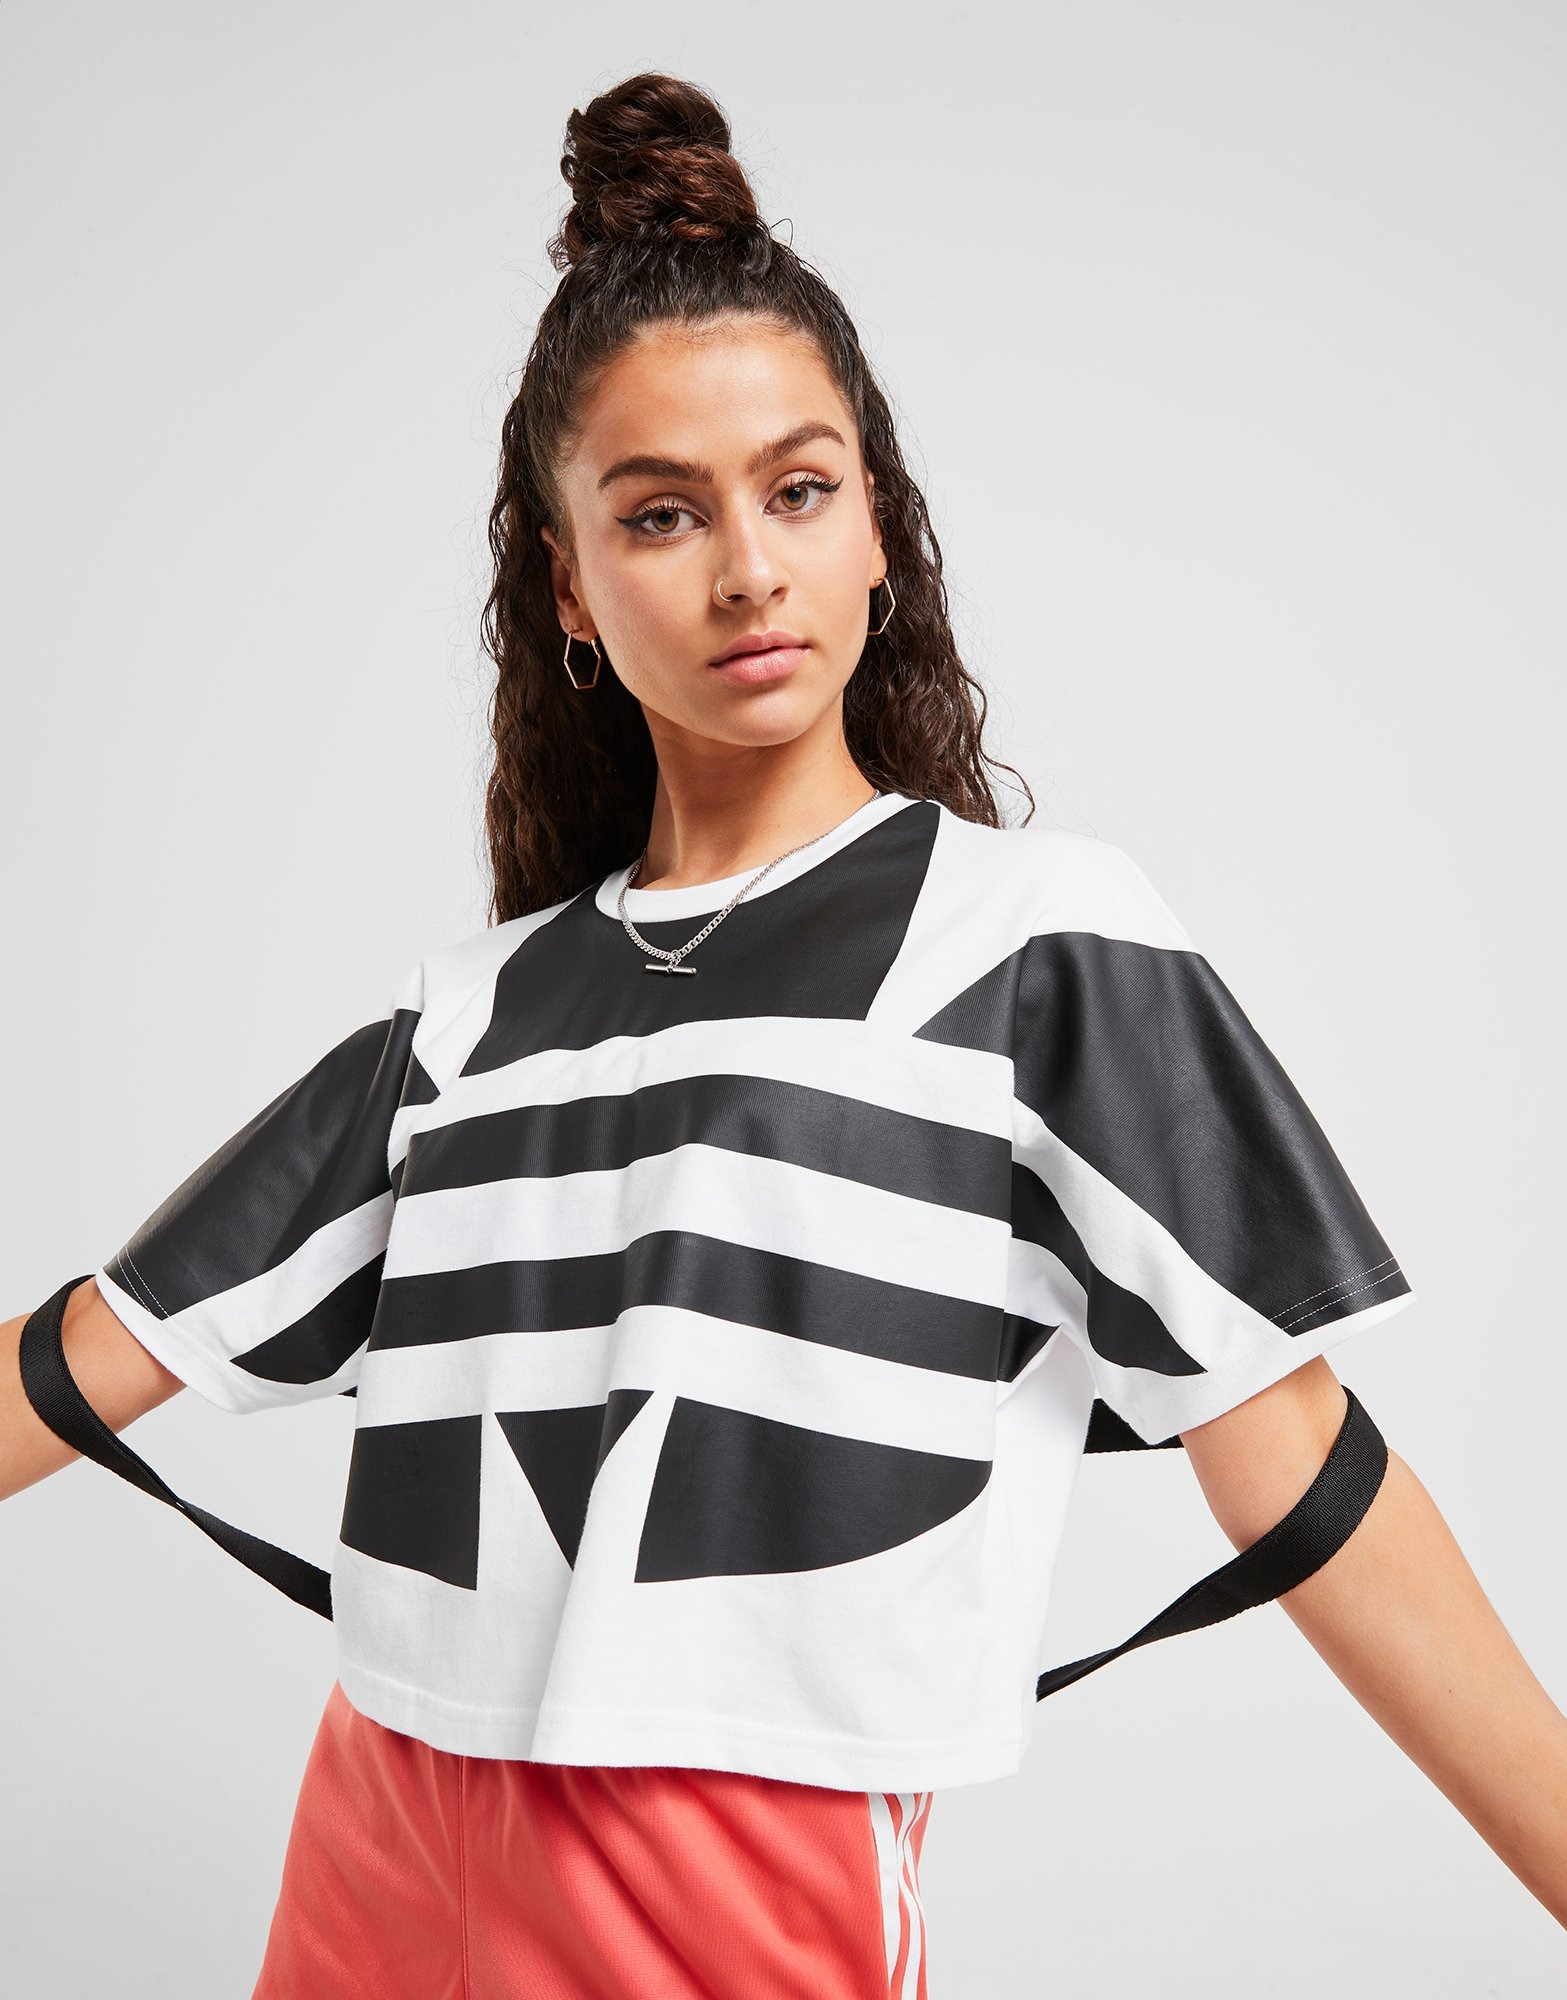 adidas t-shirt 172 damen